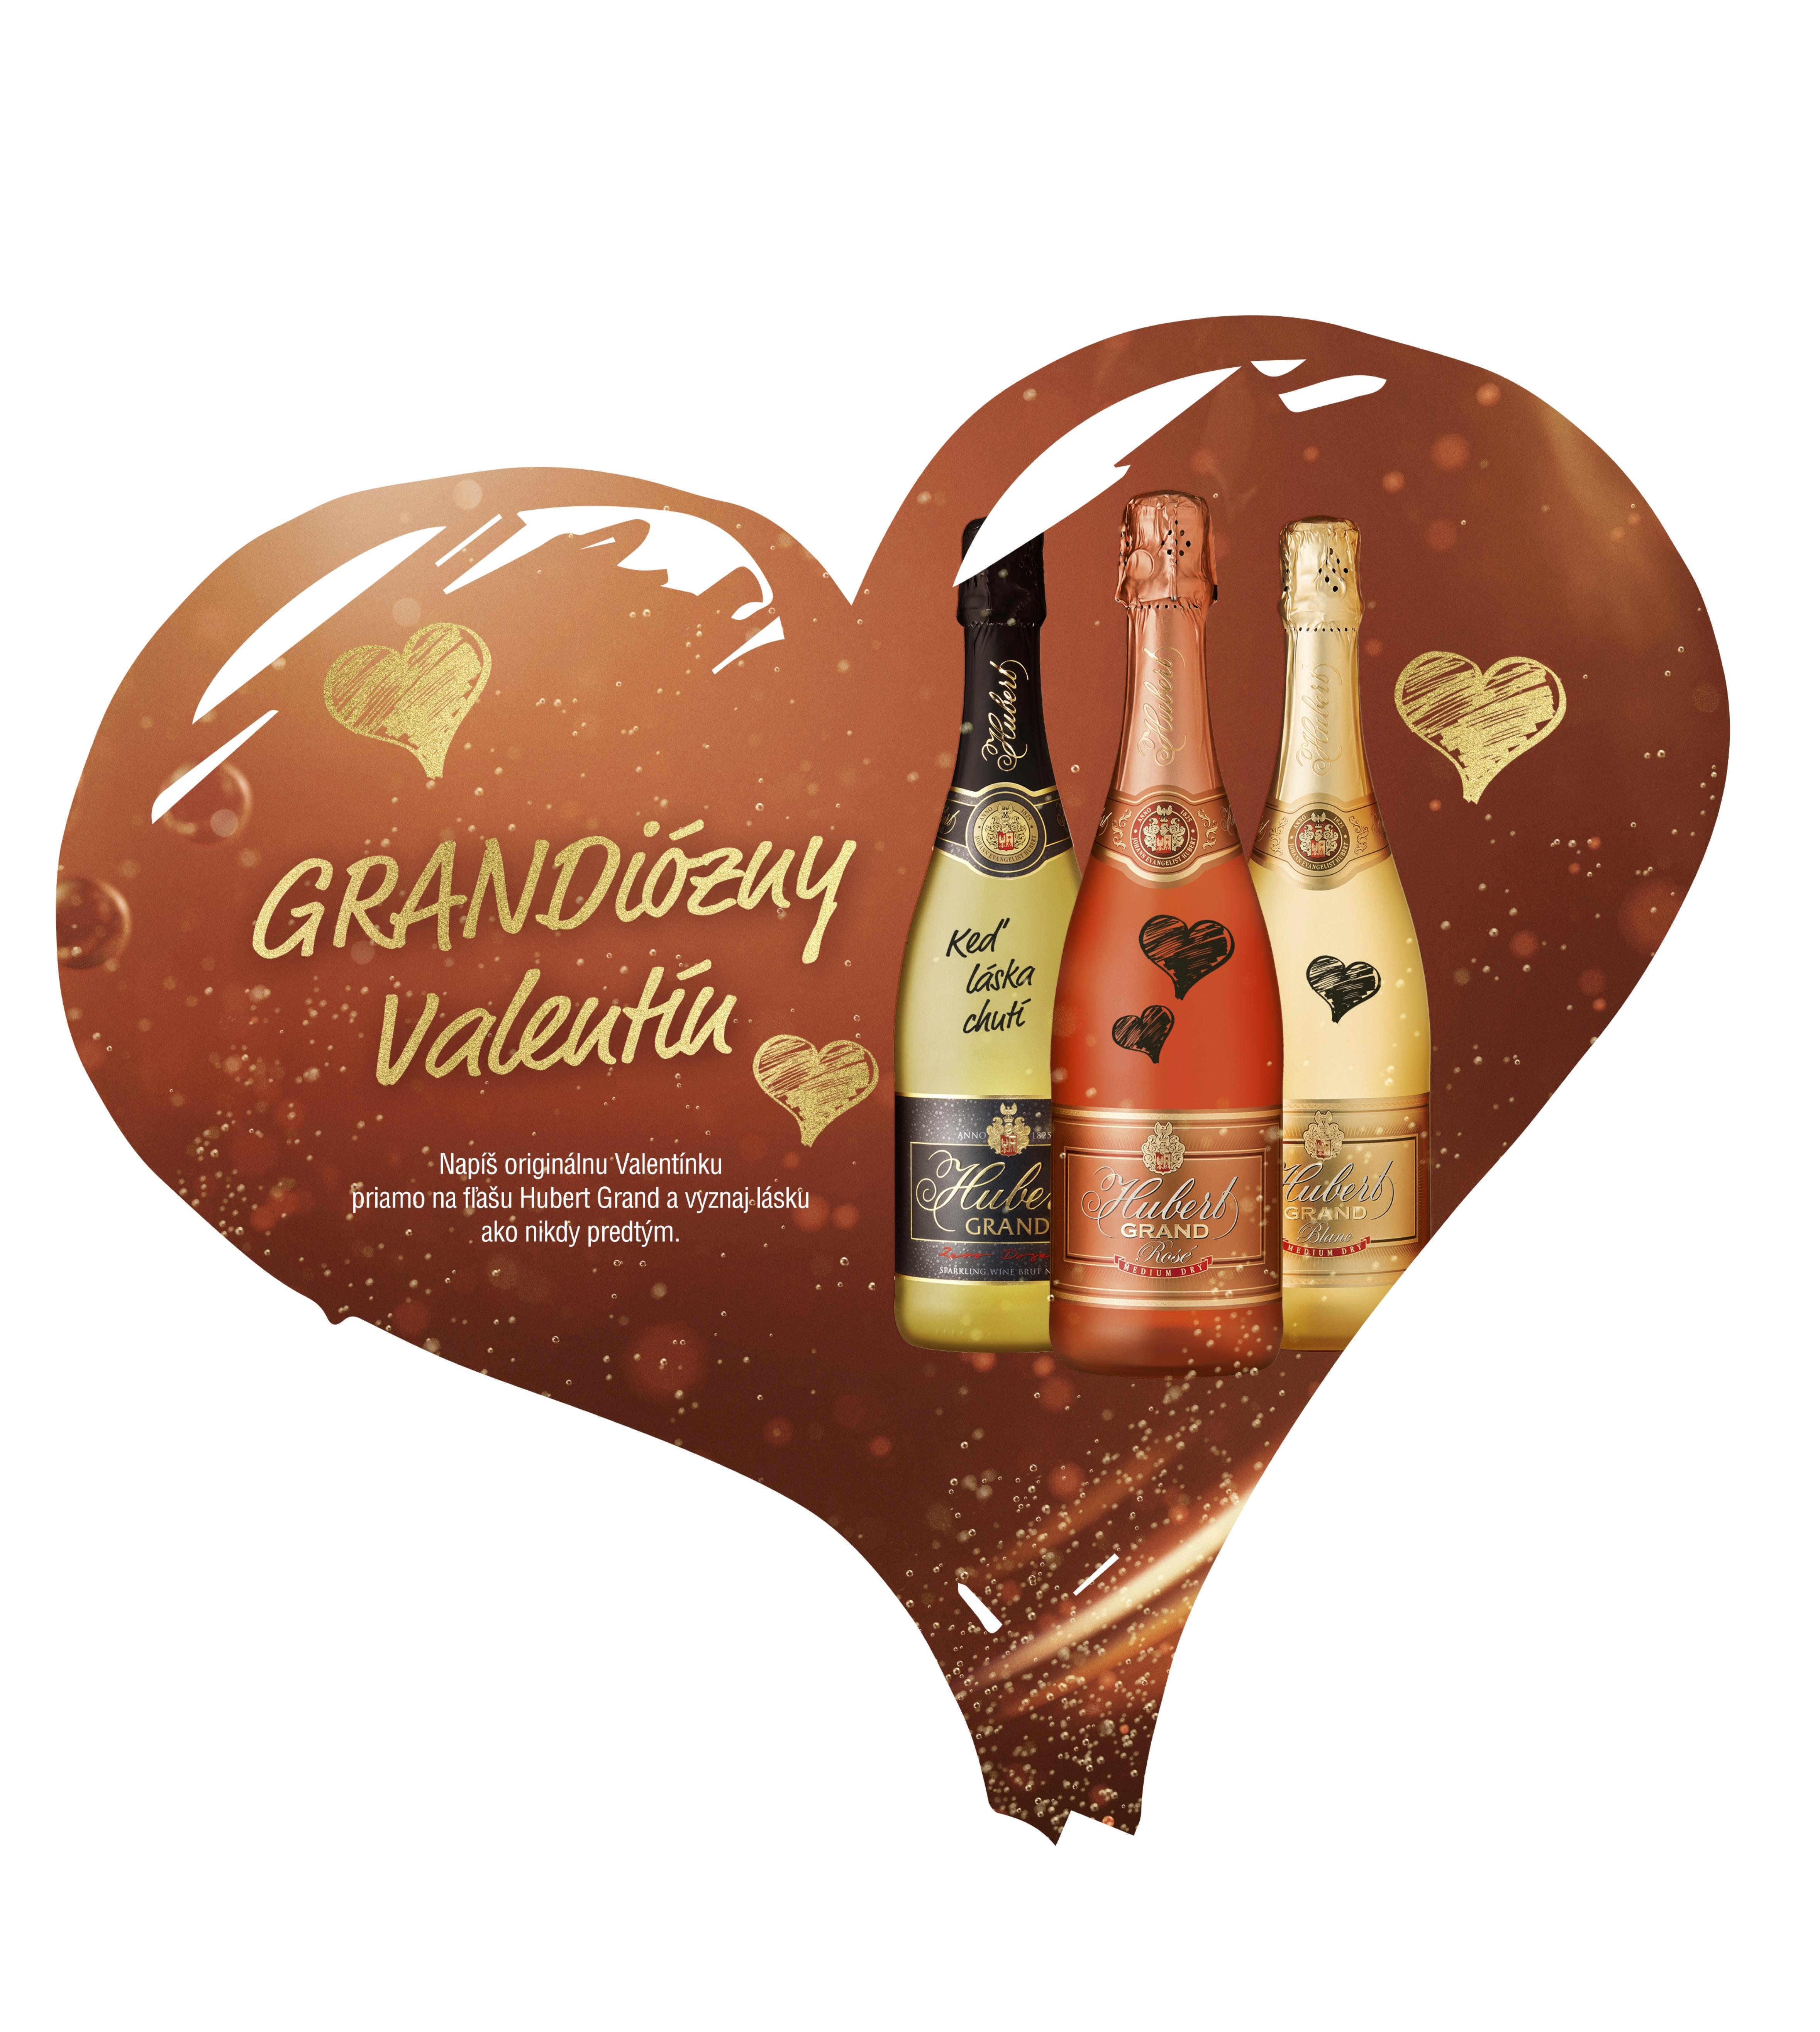 Valentínsky bedeker pre všetkých zamilovaných